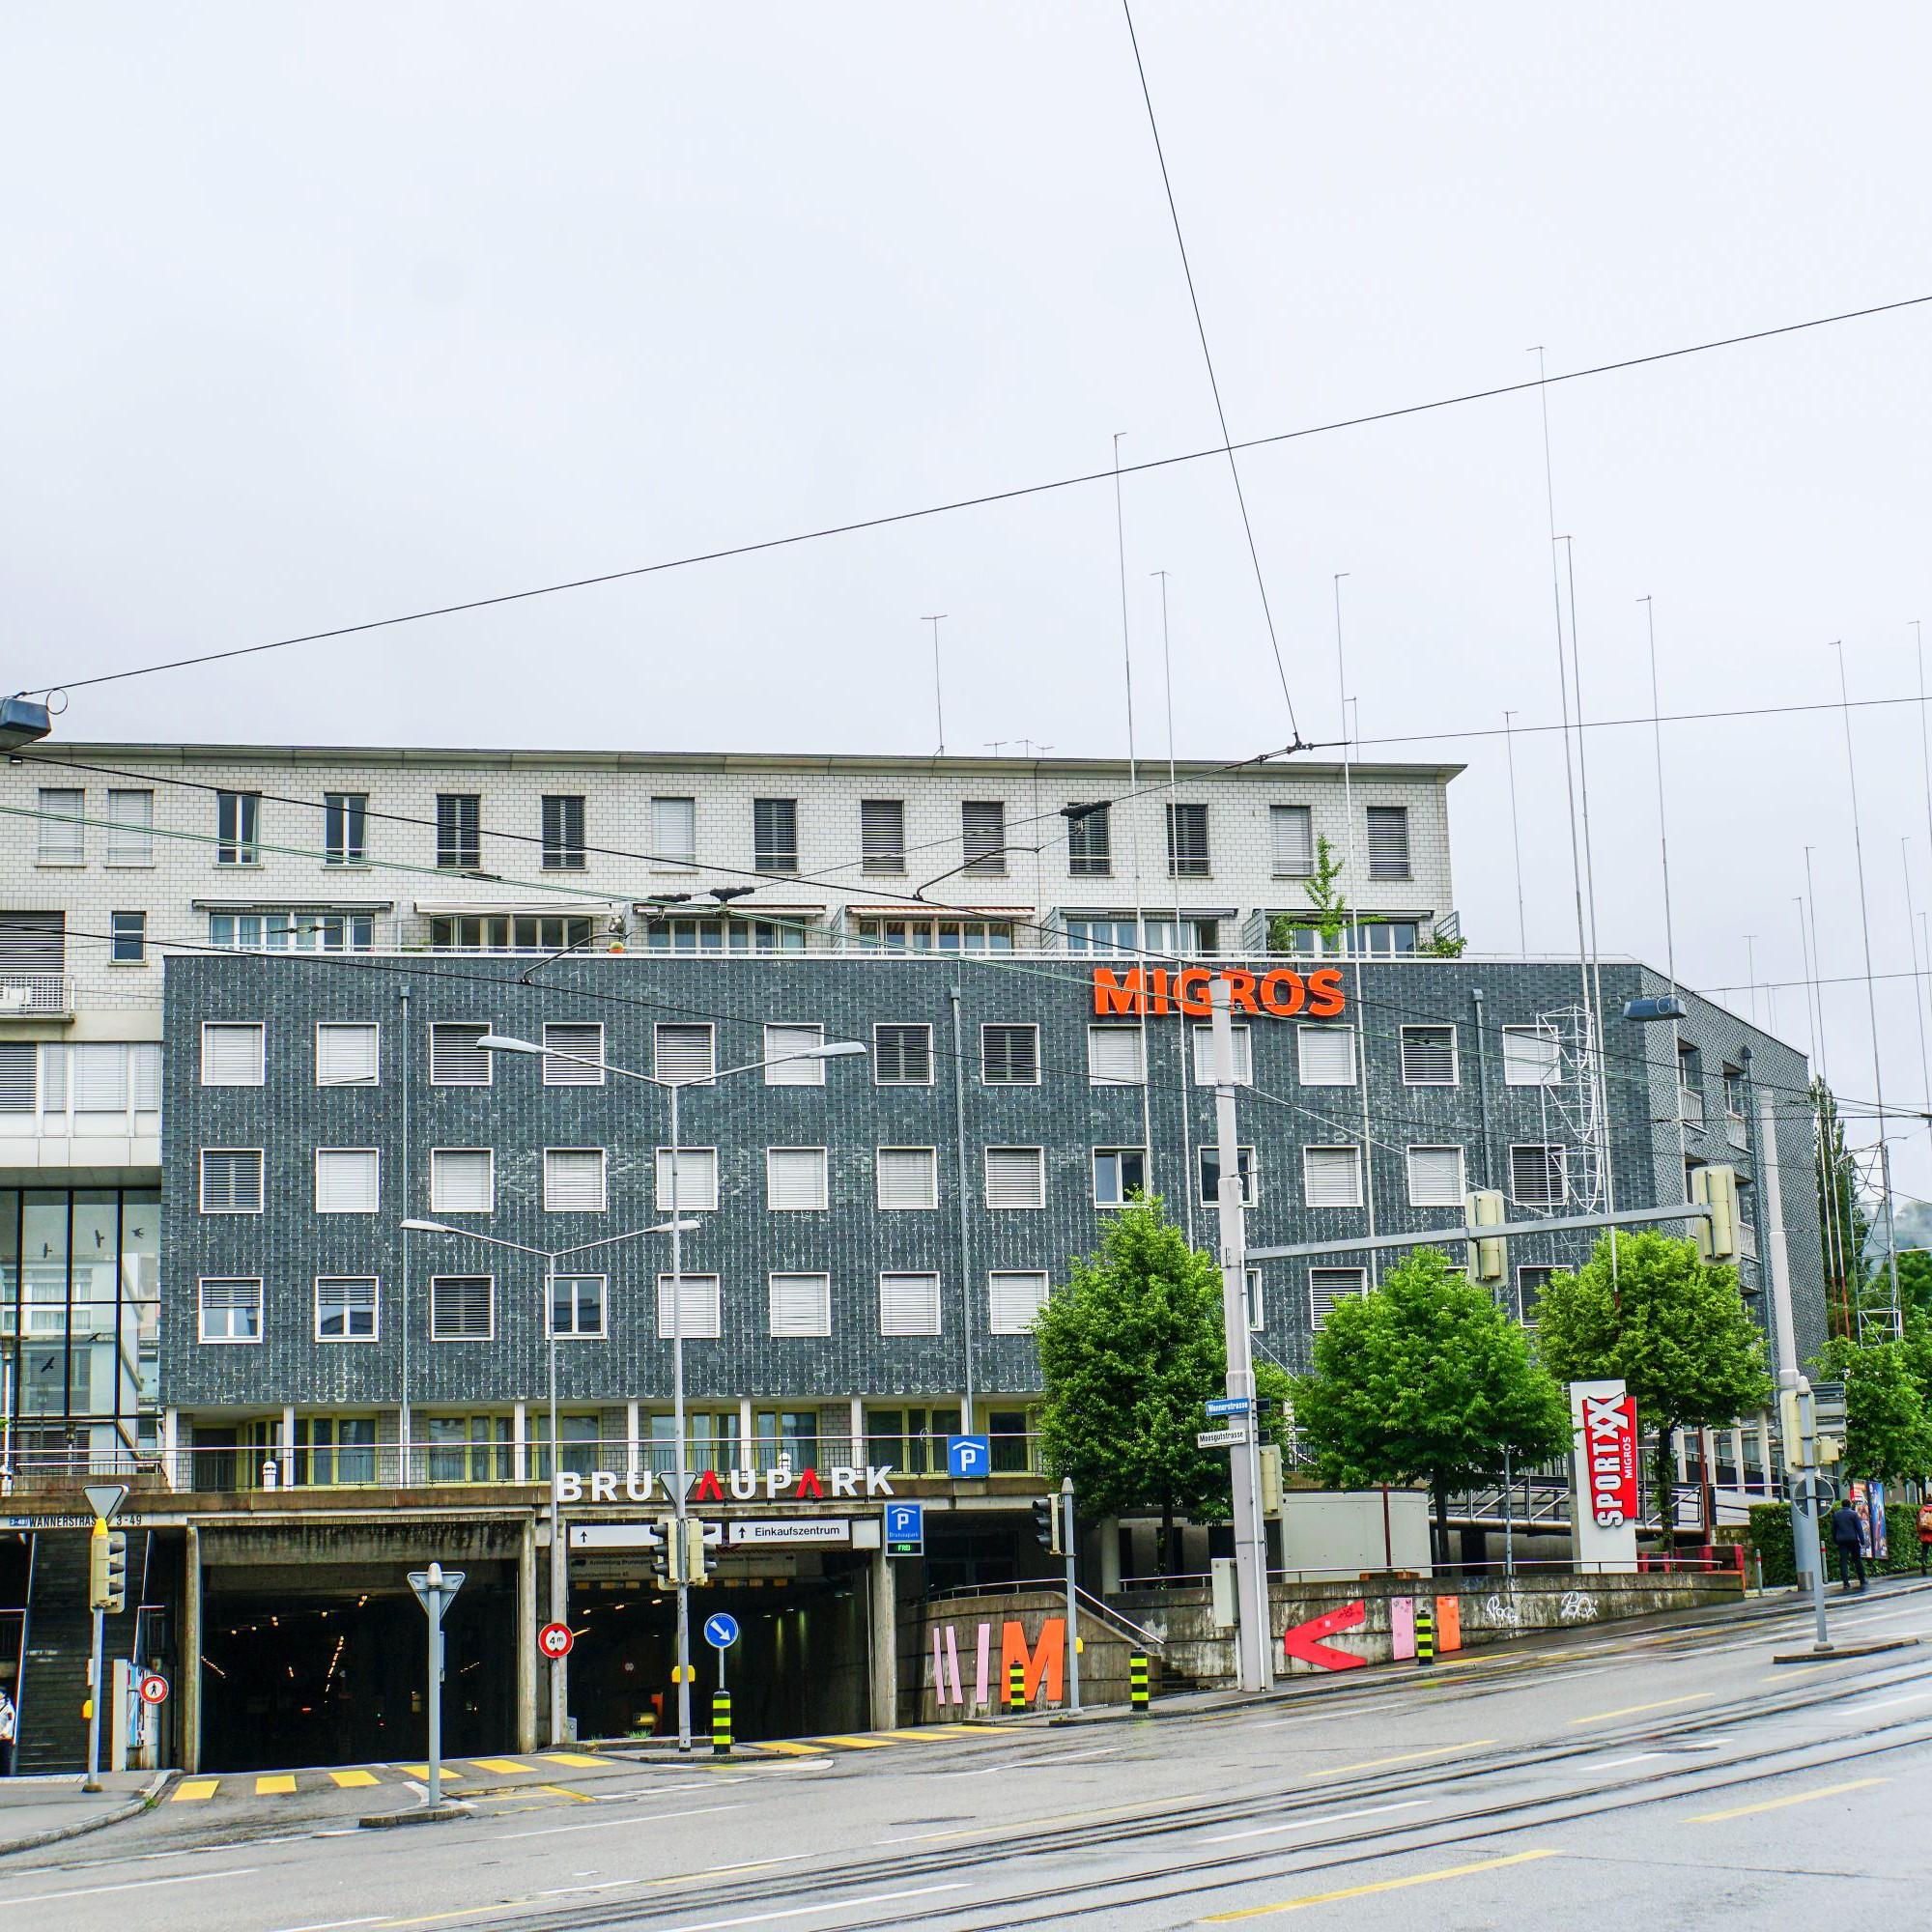 Das Gesuch für den Ersatzneubau «Brunaupark» mit Wohnungen und Retailflächen umfasst ein Investitionsvolumen von 250 Millionen Franken.